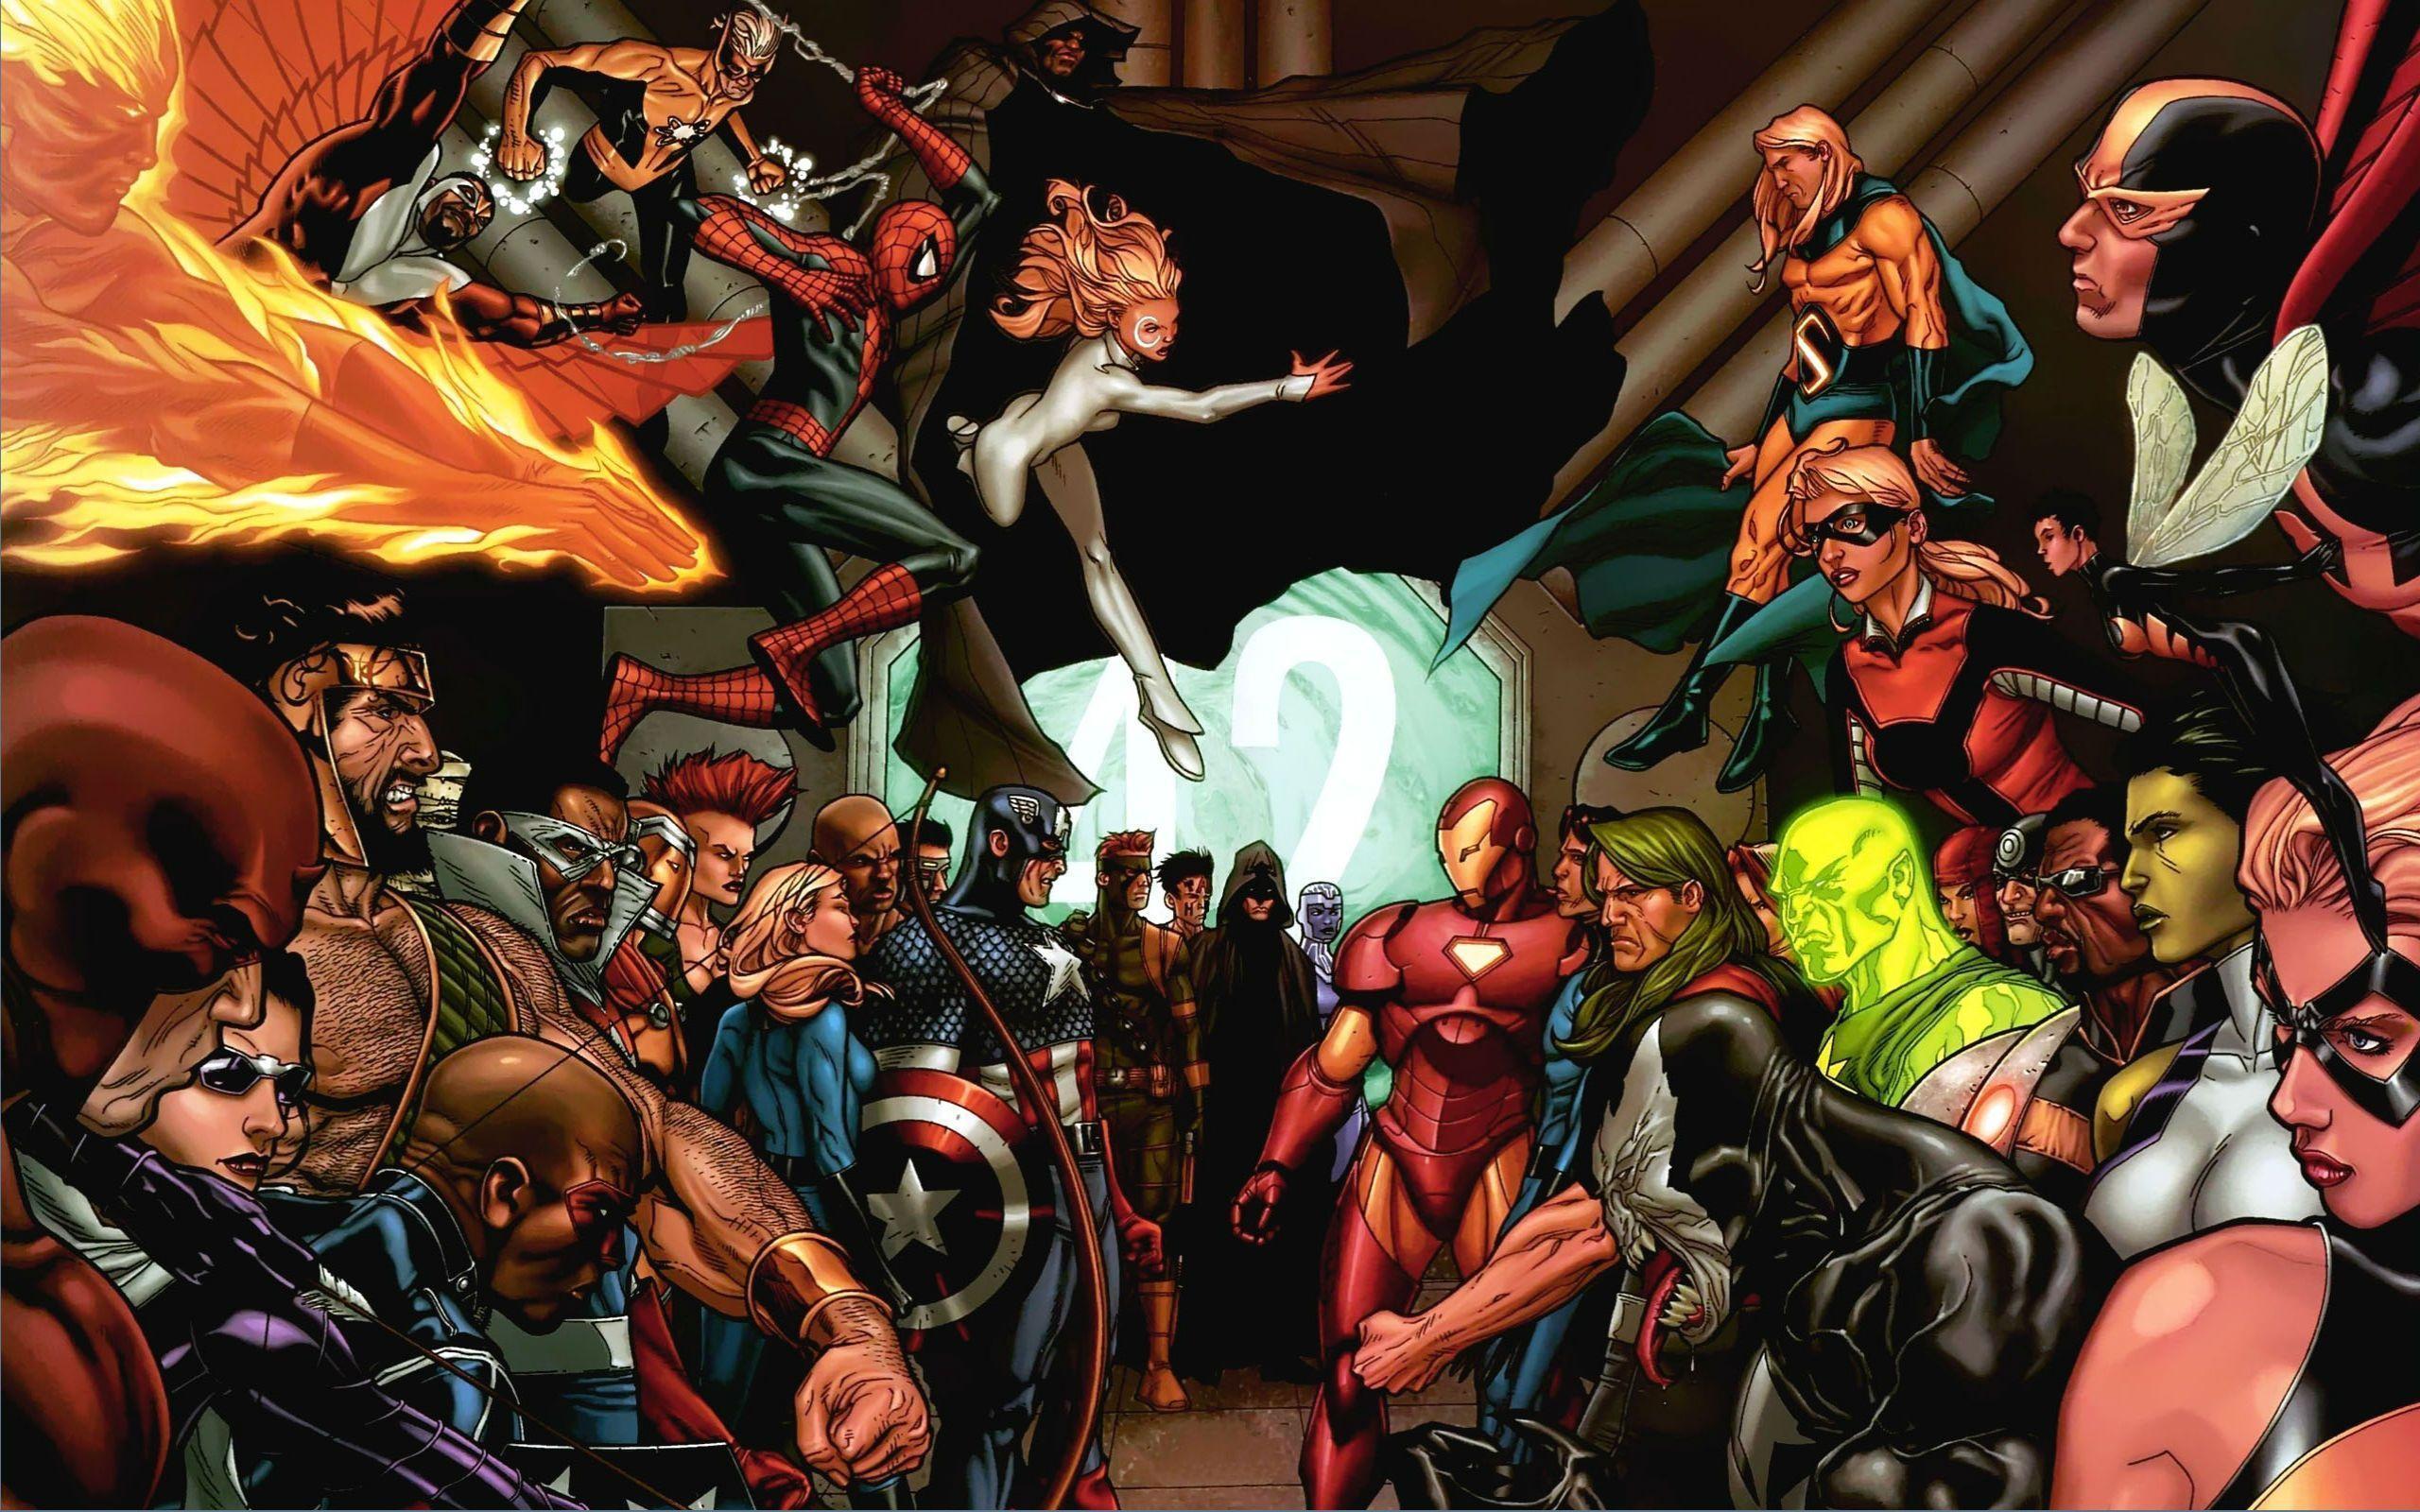 Marvel Civil War Wallpaper 2880x1800 - WallpaperSafari